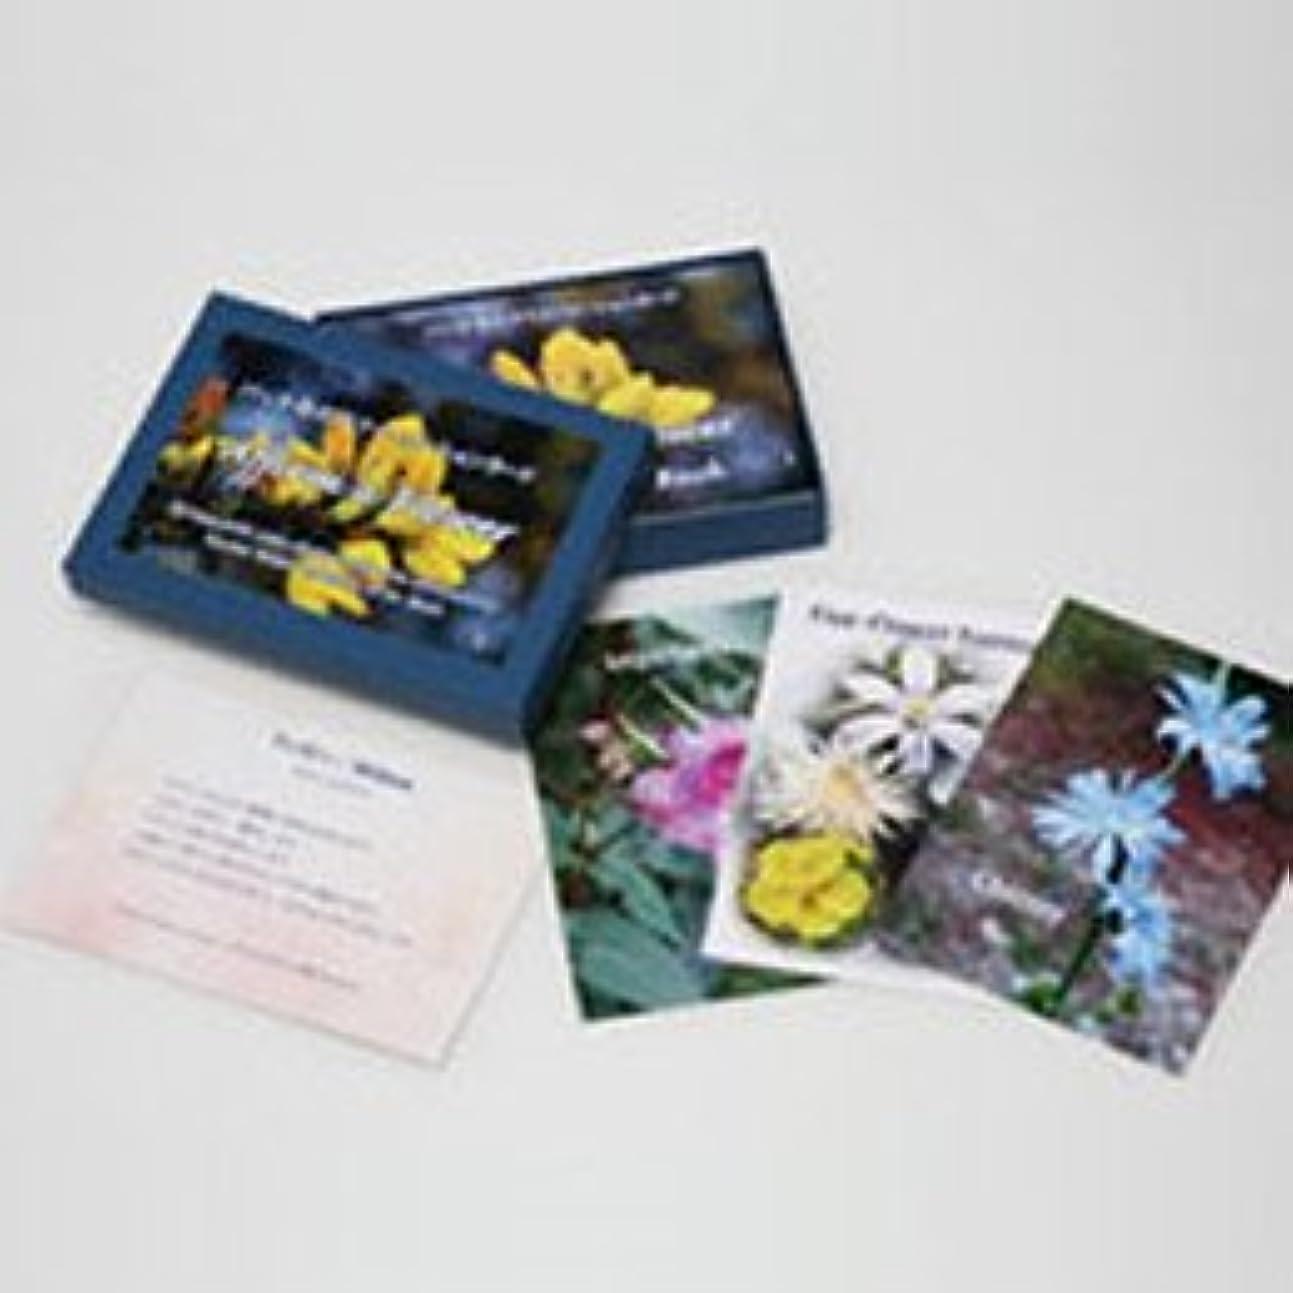 最も遠いただやる姓バッチアファメーションカード(38枚) 日本国内正規品